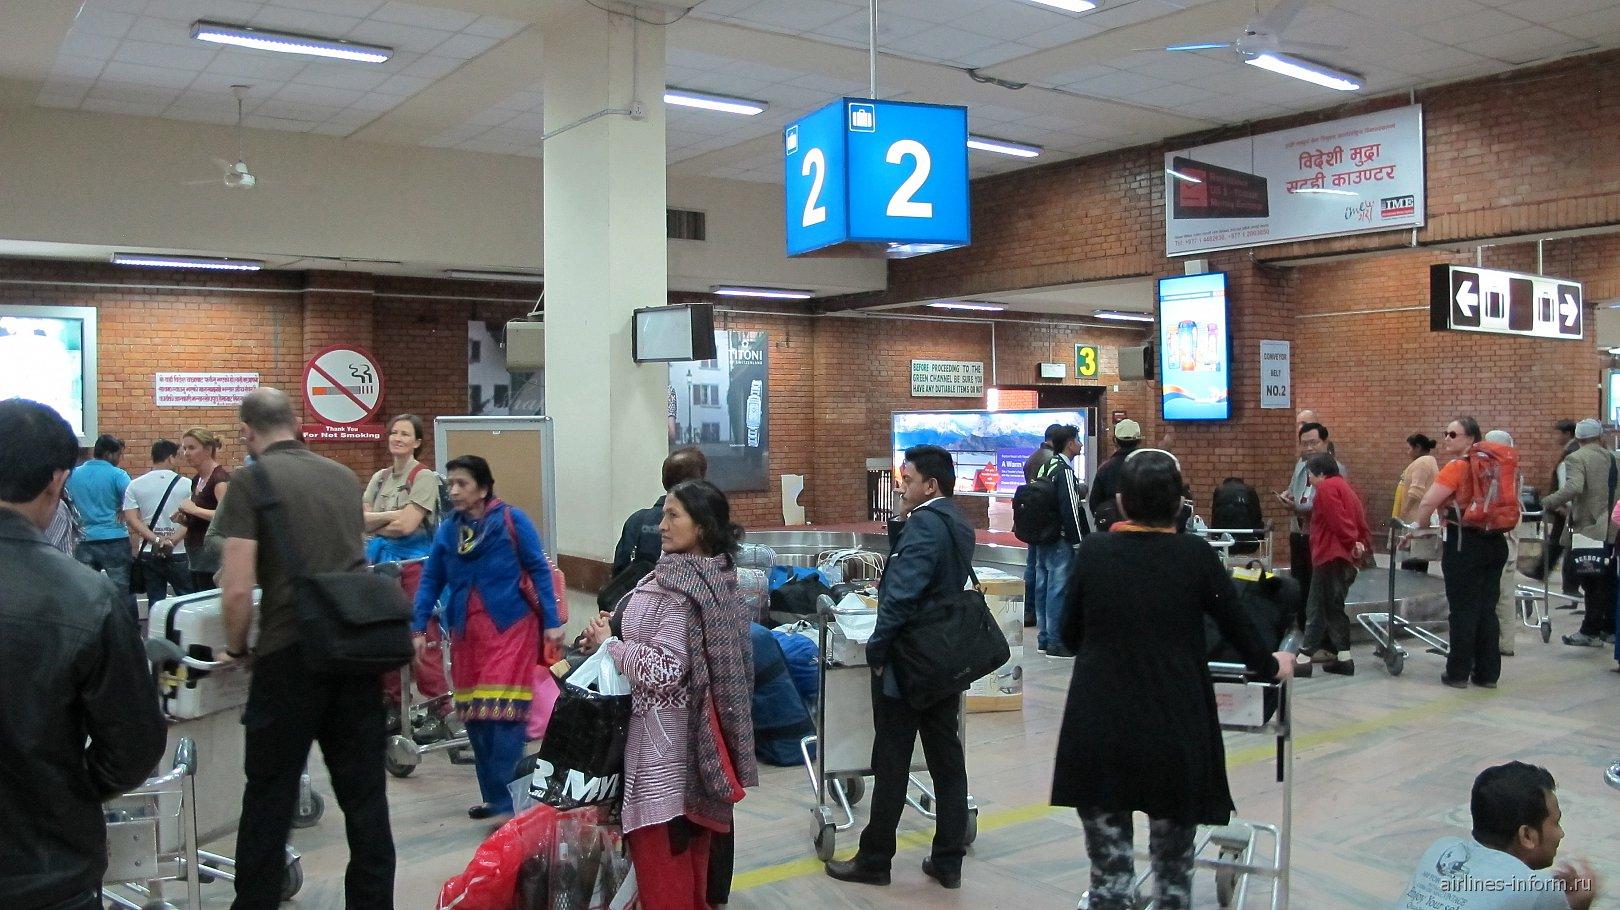 Зона выдачи багажа в аэропорту Катманду Трибхуван